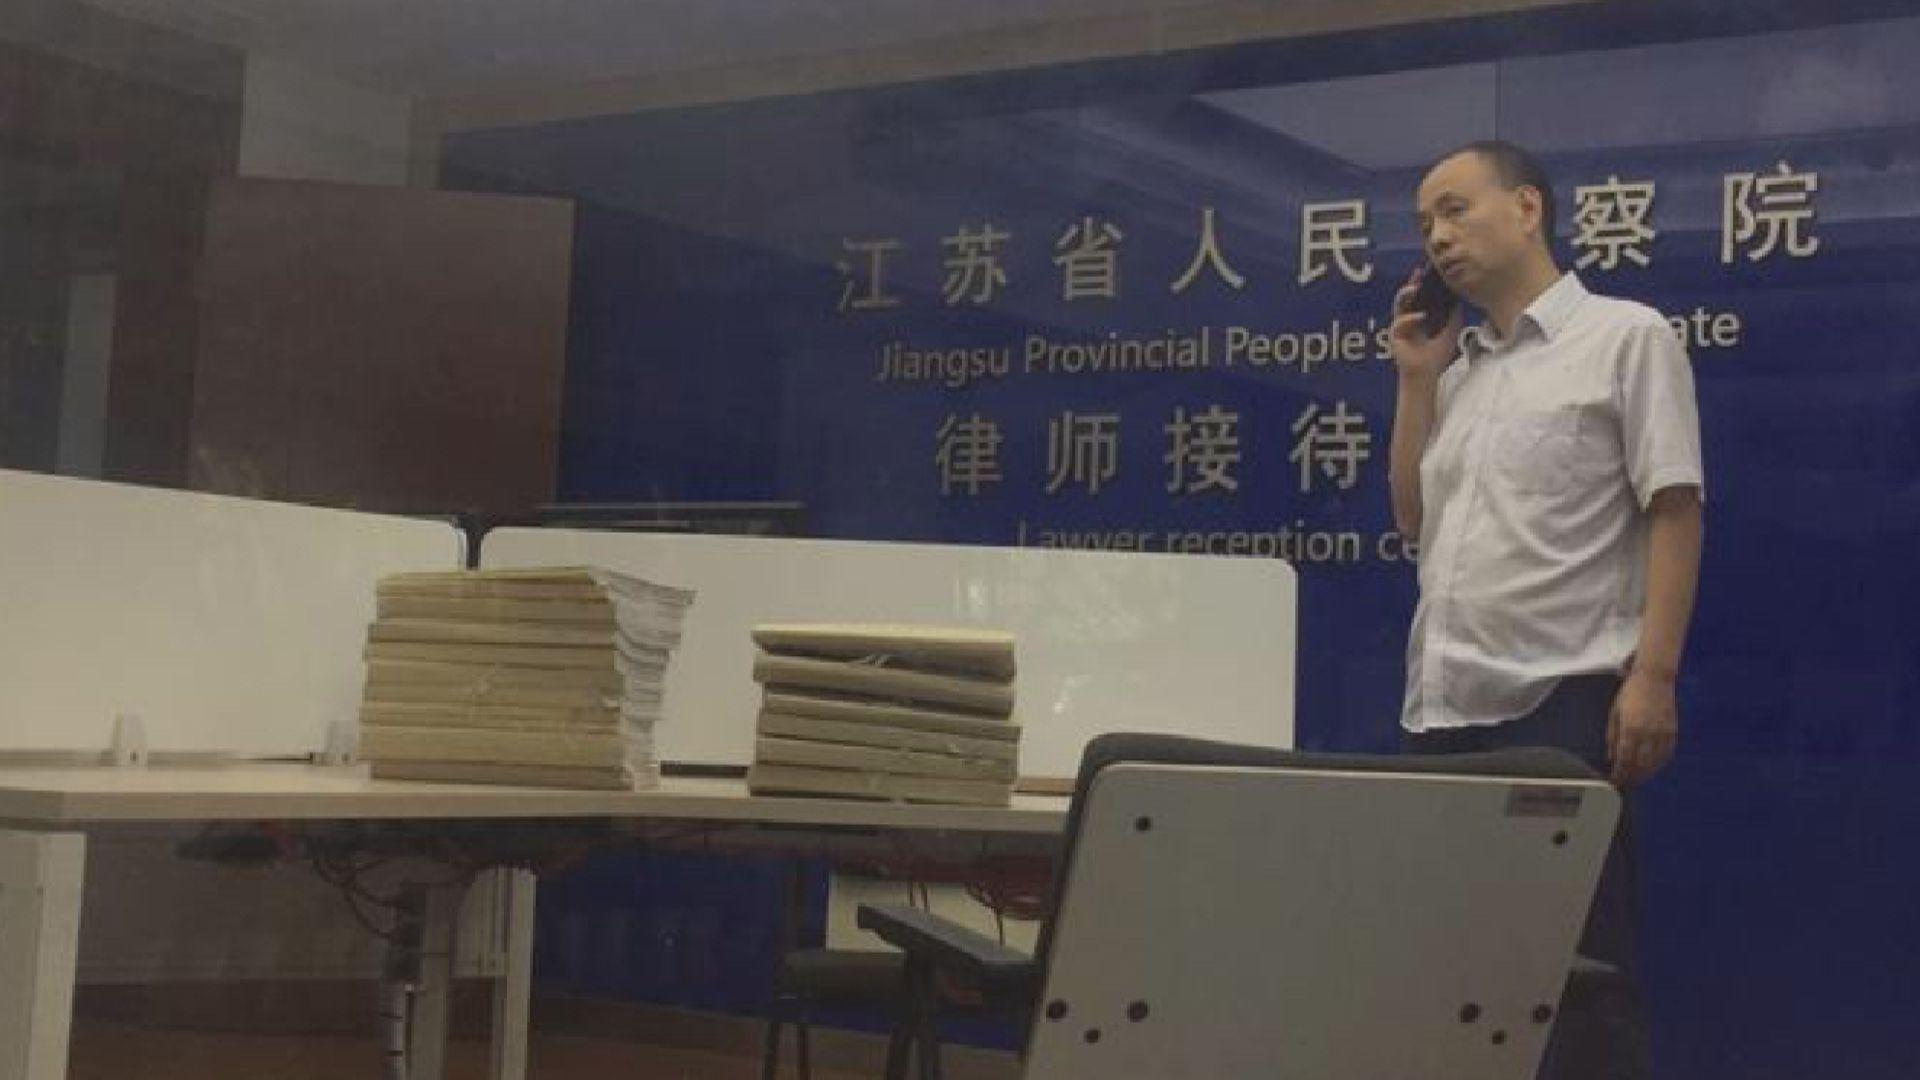 維權律師余文生被捕兩年多首次獲准見律師